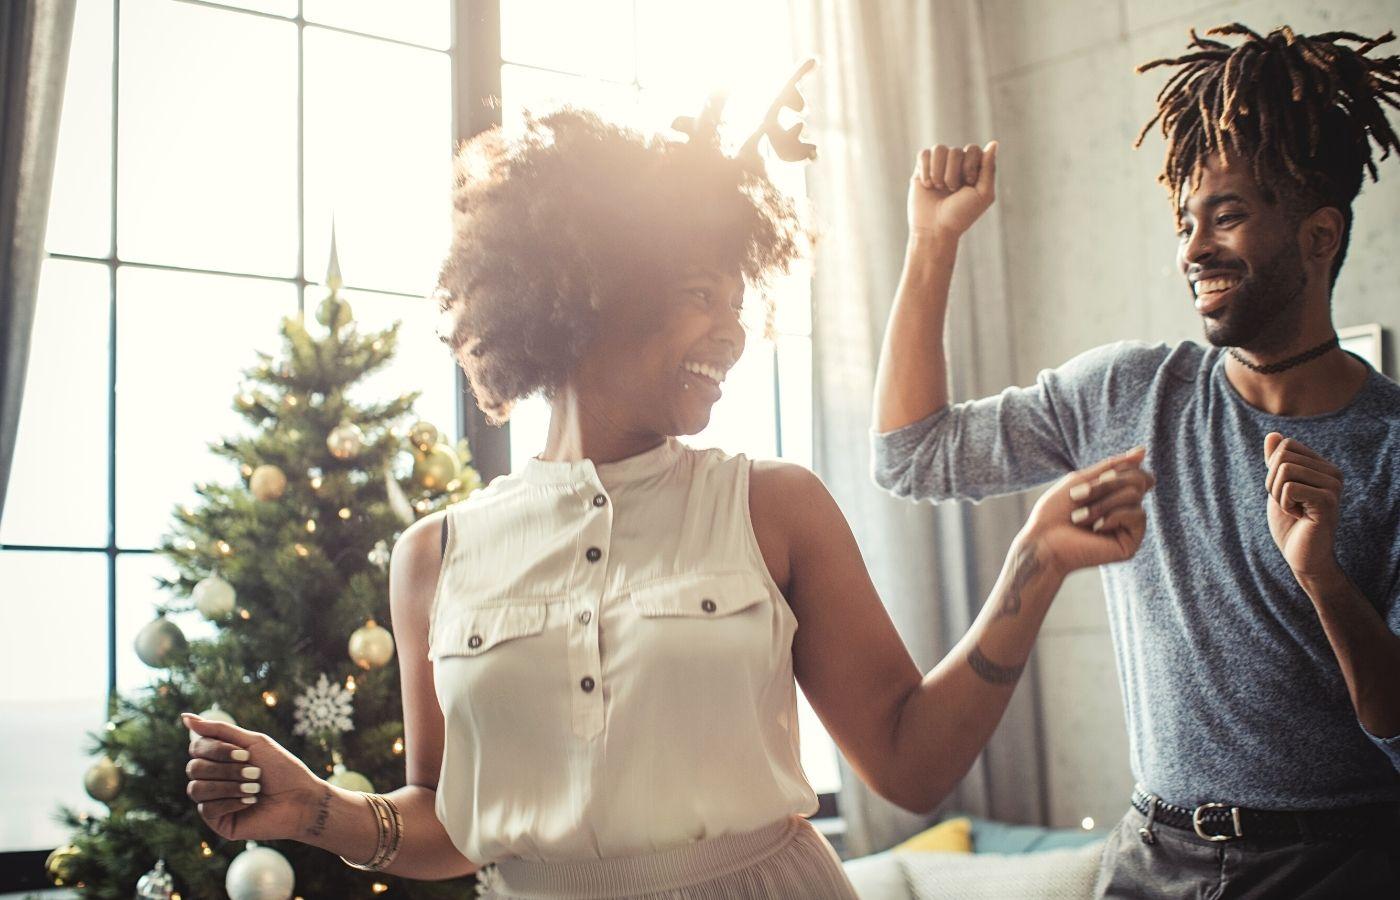 Dancing at Christmas